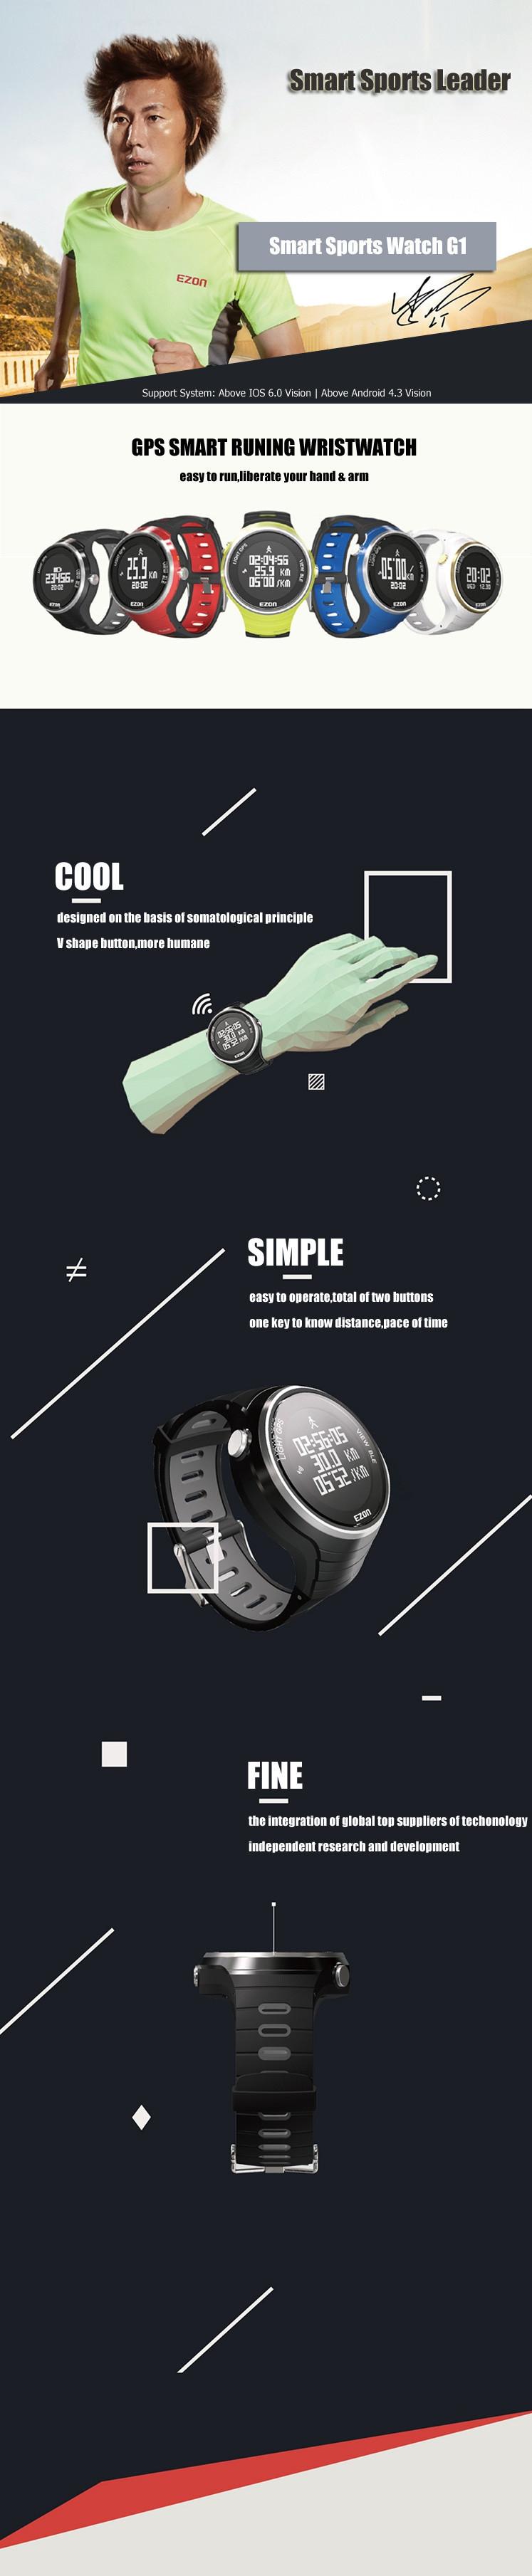 Ezon часы G1A01 G1A03 G1A04 Профессиональные mutifunction спорта работает смарт GPS наручные спорт умный часы